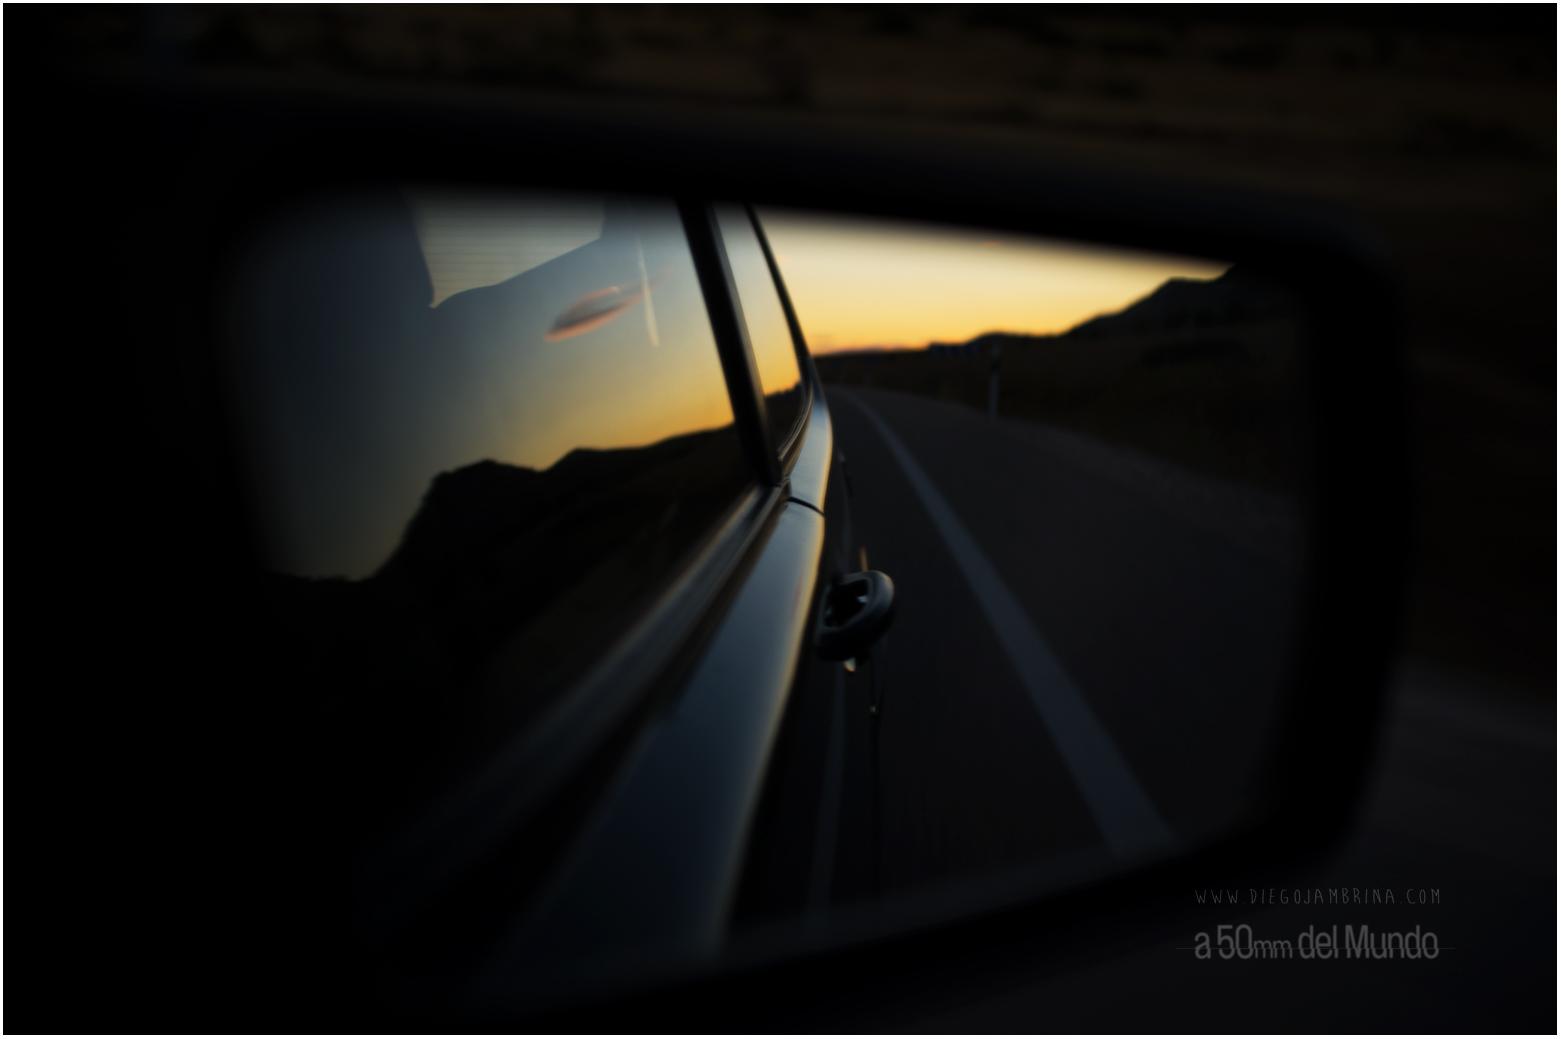 La carretera es mi destino